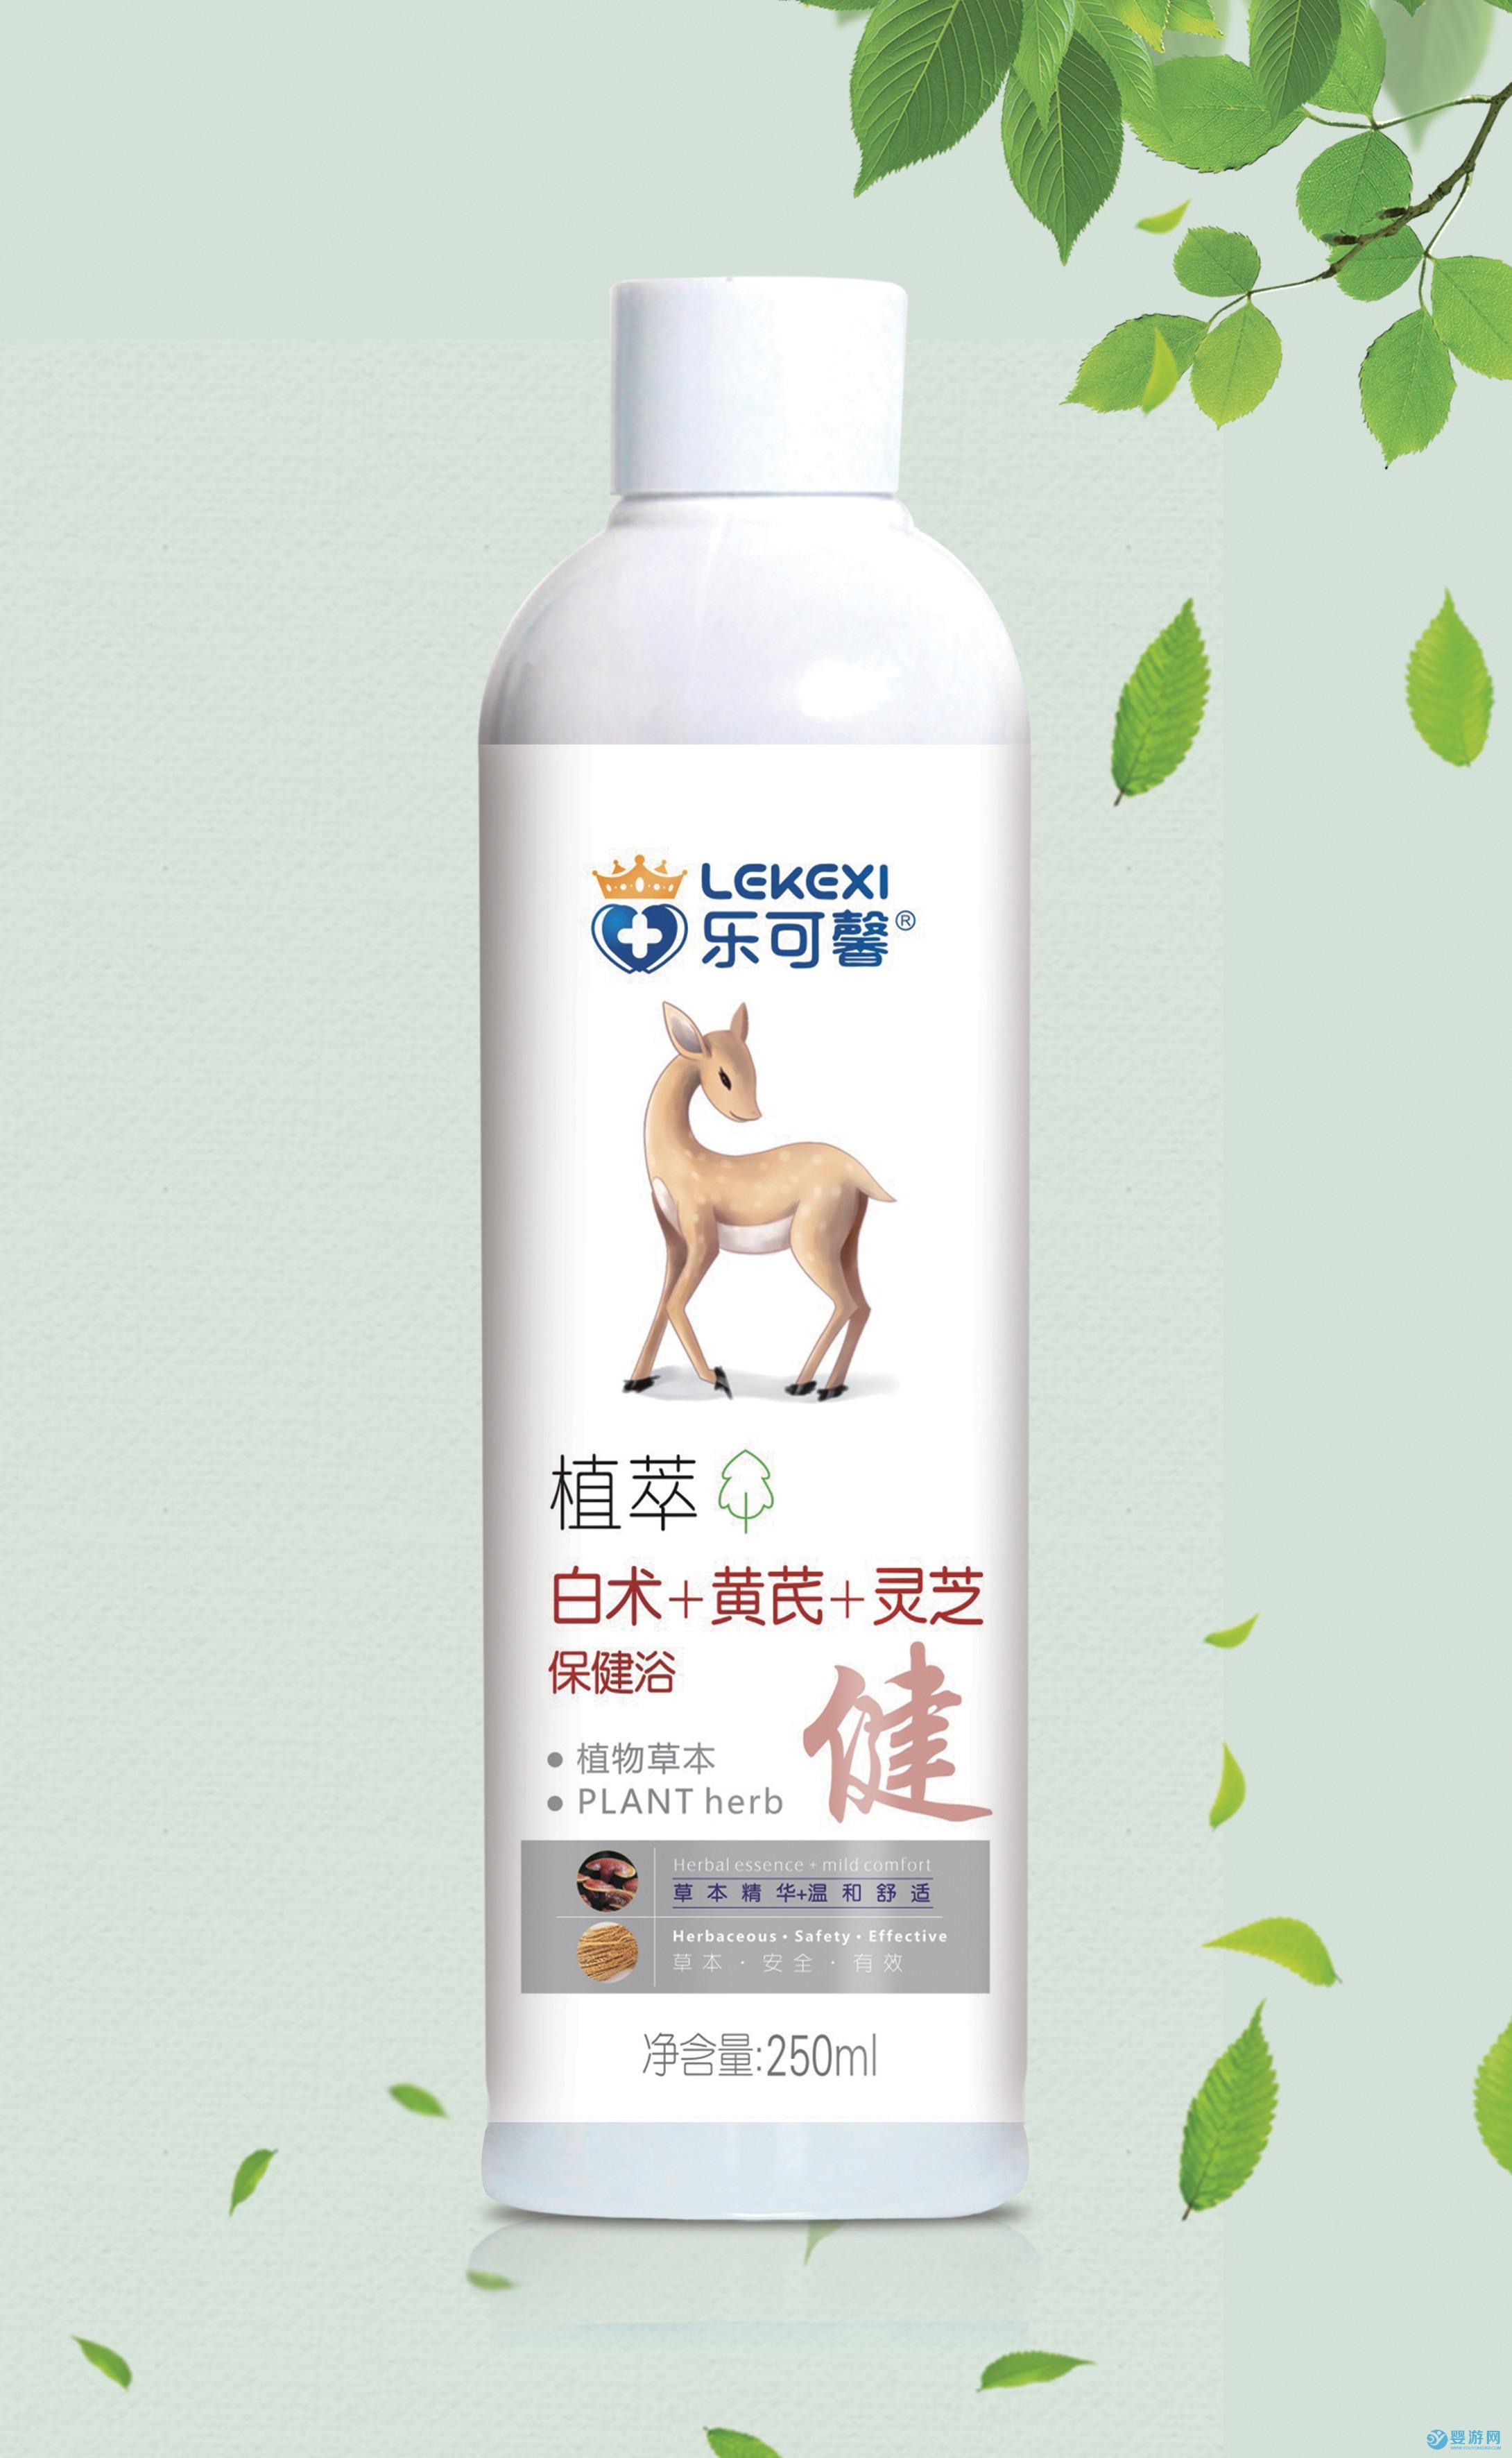 白术+黄芪+灵芝=保健浴